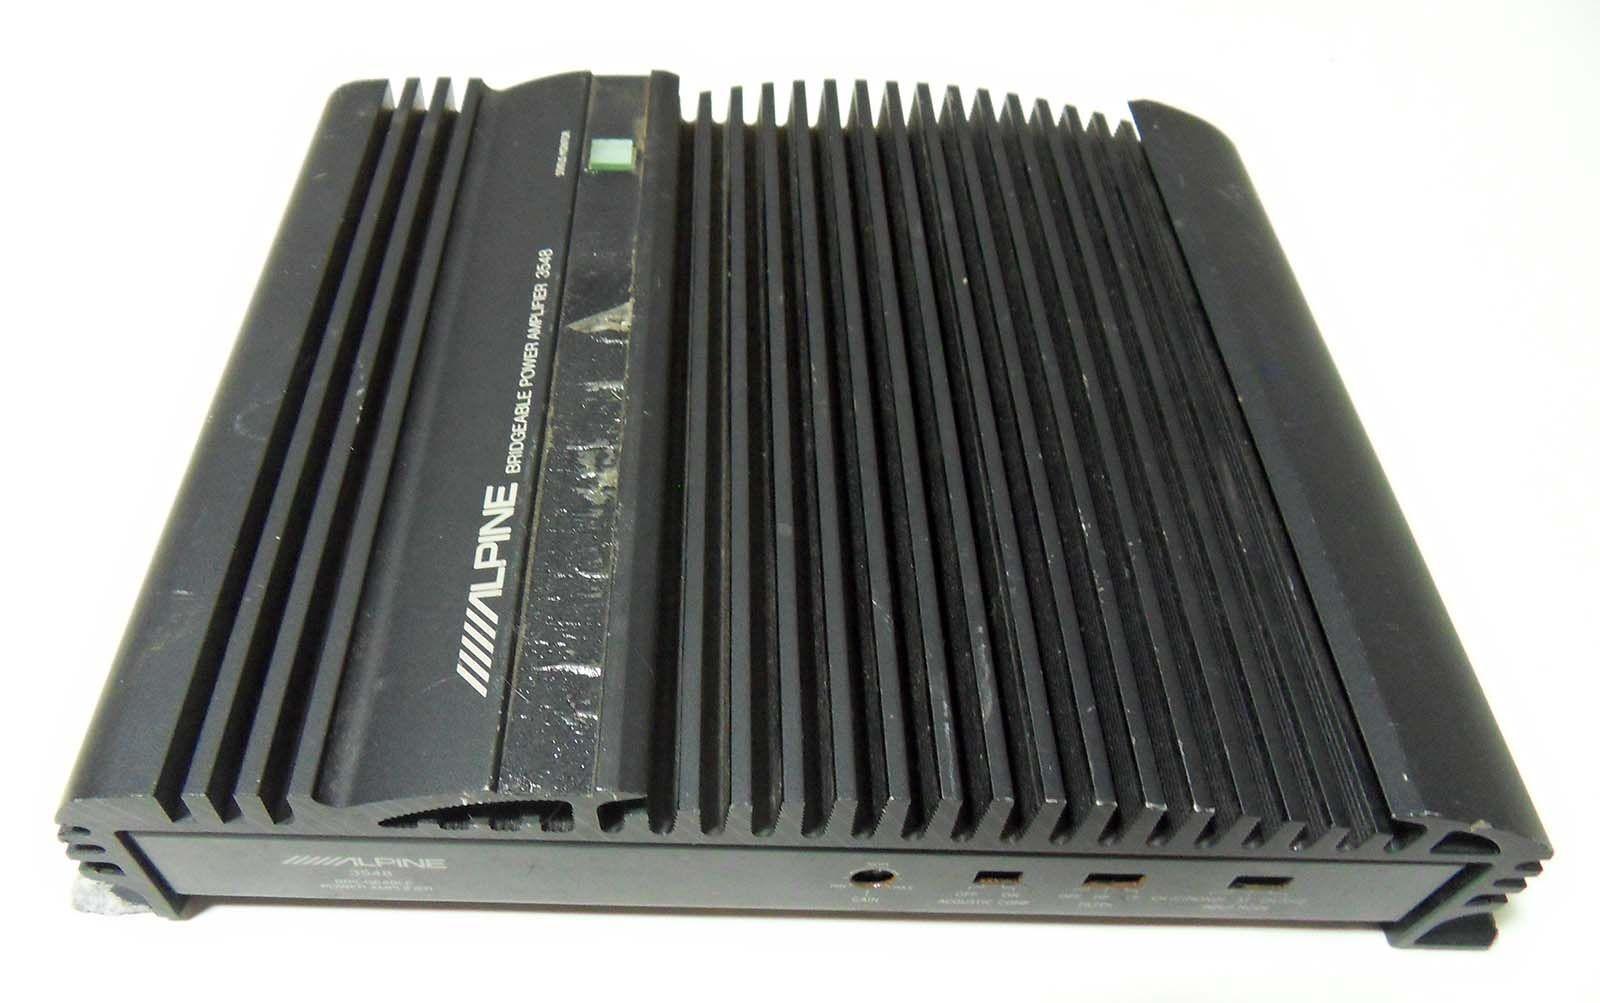 alpine cda 9856 wiring diagram mopar performance ignition pdx 1 1000 32